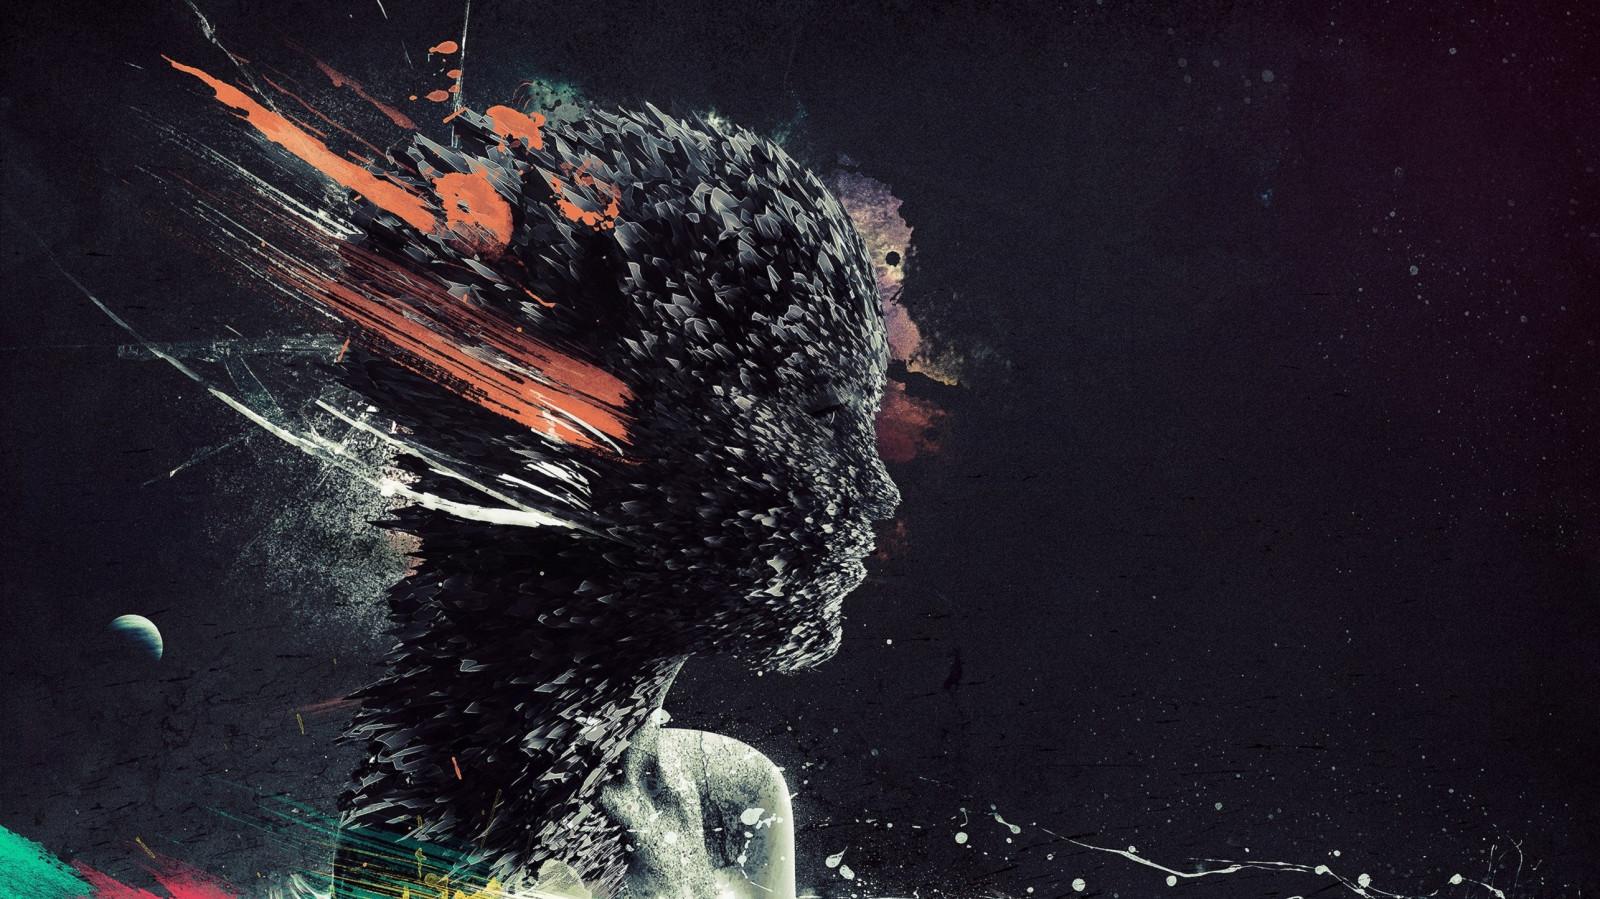 viso, arte digitale, Photoshop, donne, Fantasy art, notte, astratto, spazio, veicolo, opera d'arte, fumo, profilo, grunge, subacqueo, vernice splatter, forme, nave fantasma, oscurità, immagine dello schermo, sfondo del computer, effetti speciali, spazio, copertina